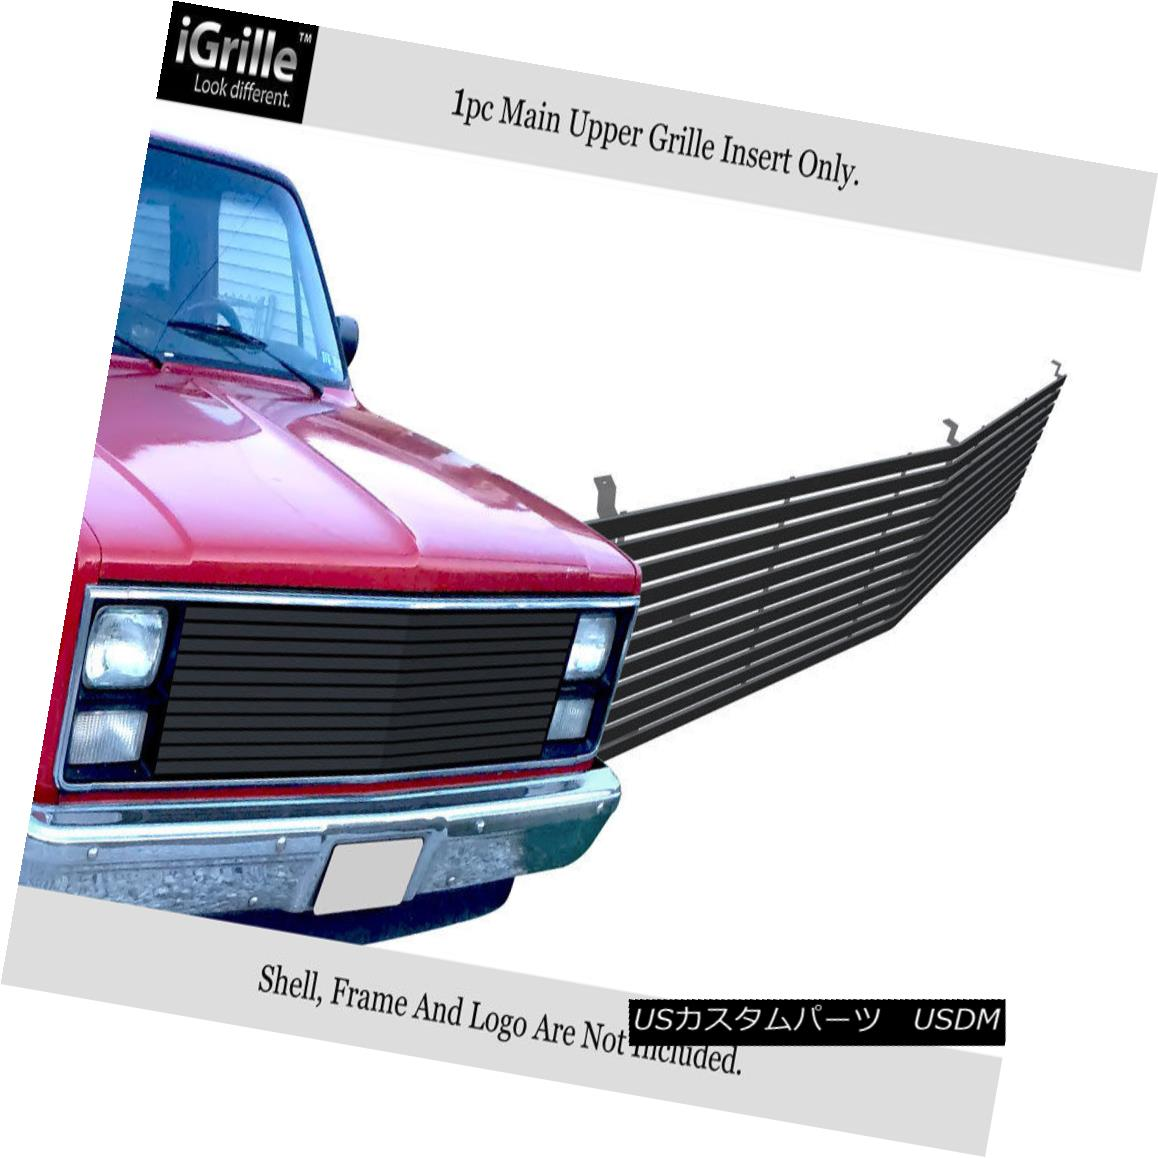 グリル Black Wide Billet Grille Fits 1981-87 Chevy C/K Pickup/Suburban/Blazer ブラック・ワイド・ビレット・グリル・フィット1981-87シボレーC / Kピックアップ/サバーバ n / Blazer